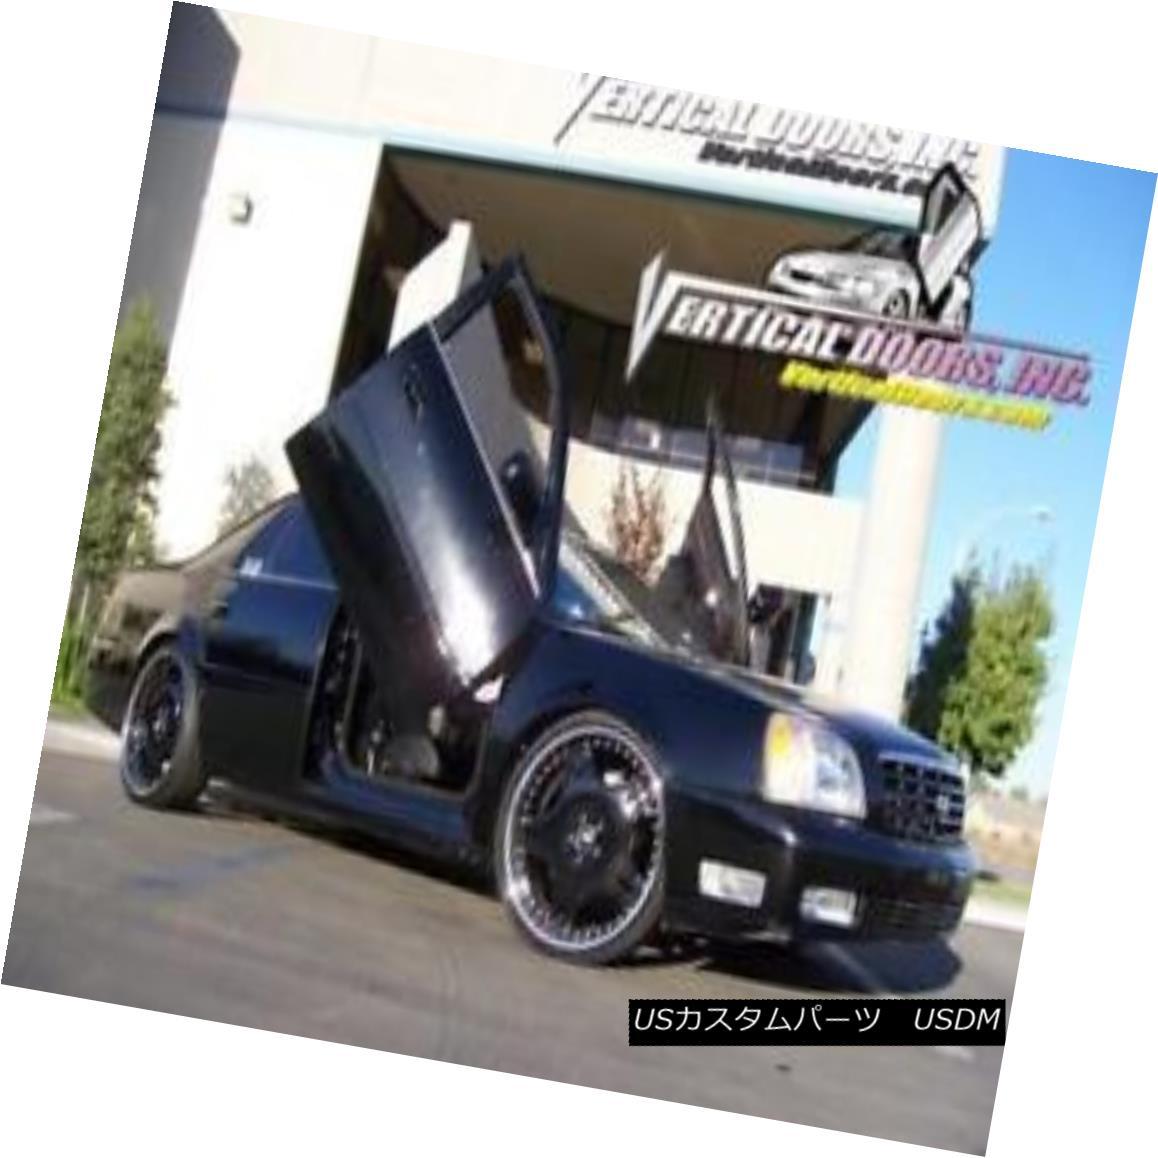 ガルウィングキット VDCCADDEV0005 Direct Bolt On Vertical Lambo Doors Hinges Kit With Warranty VDCCADDEV0005保証付き垂直Lamboドアヒンジキットのダイレクトボルト